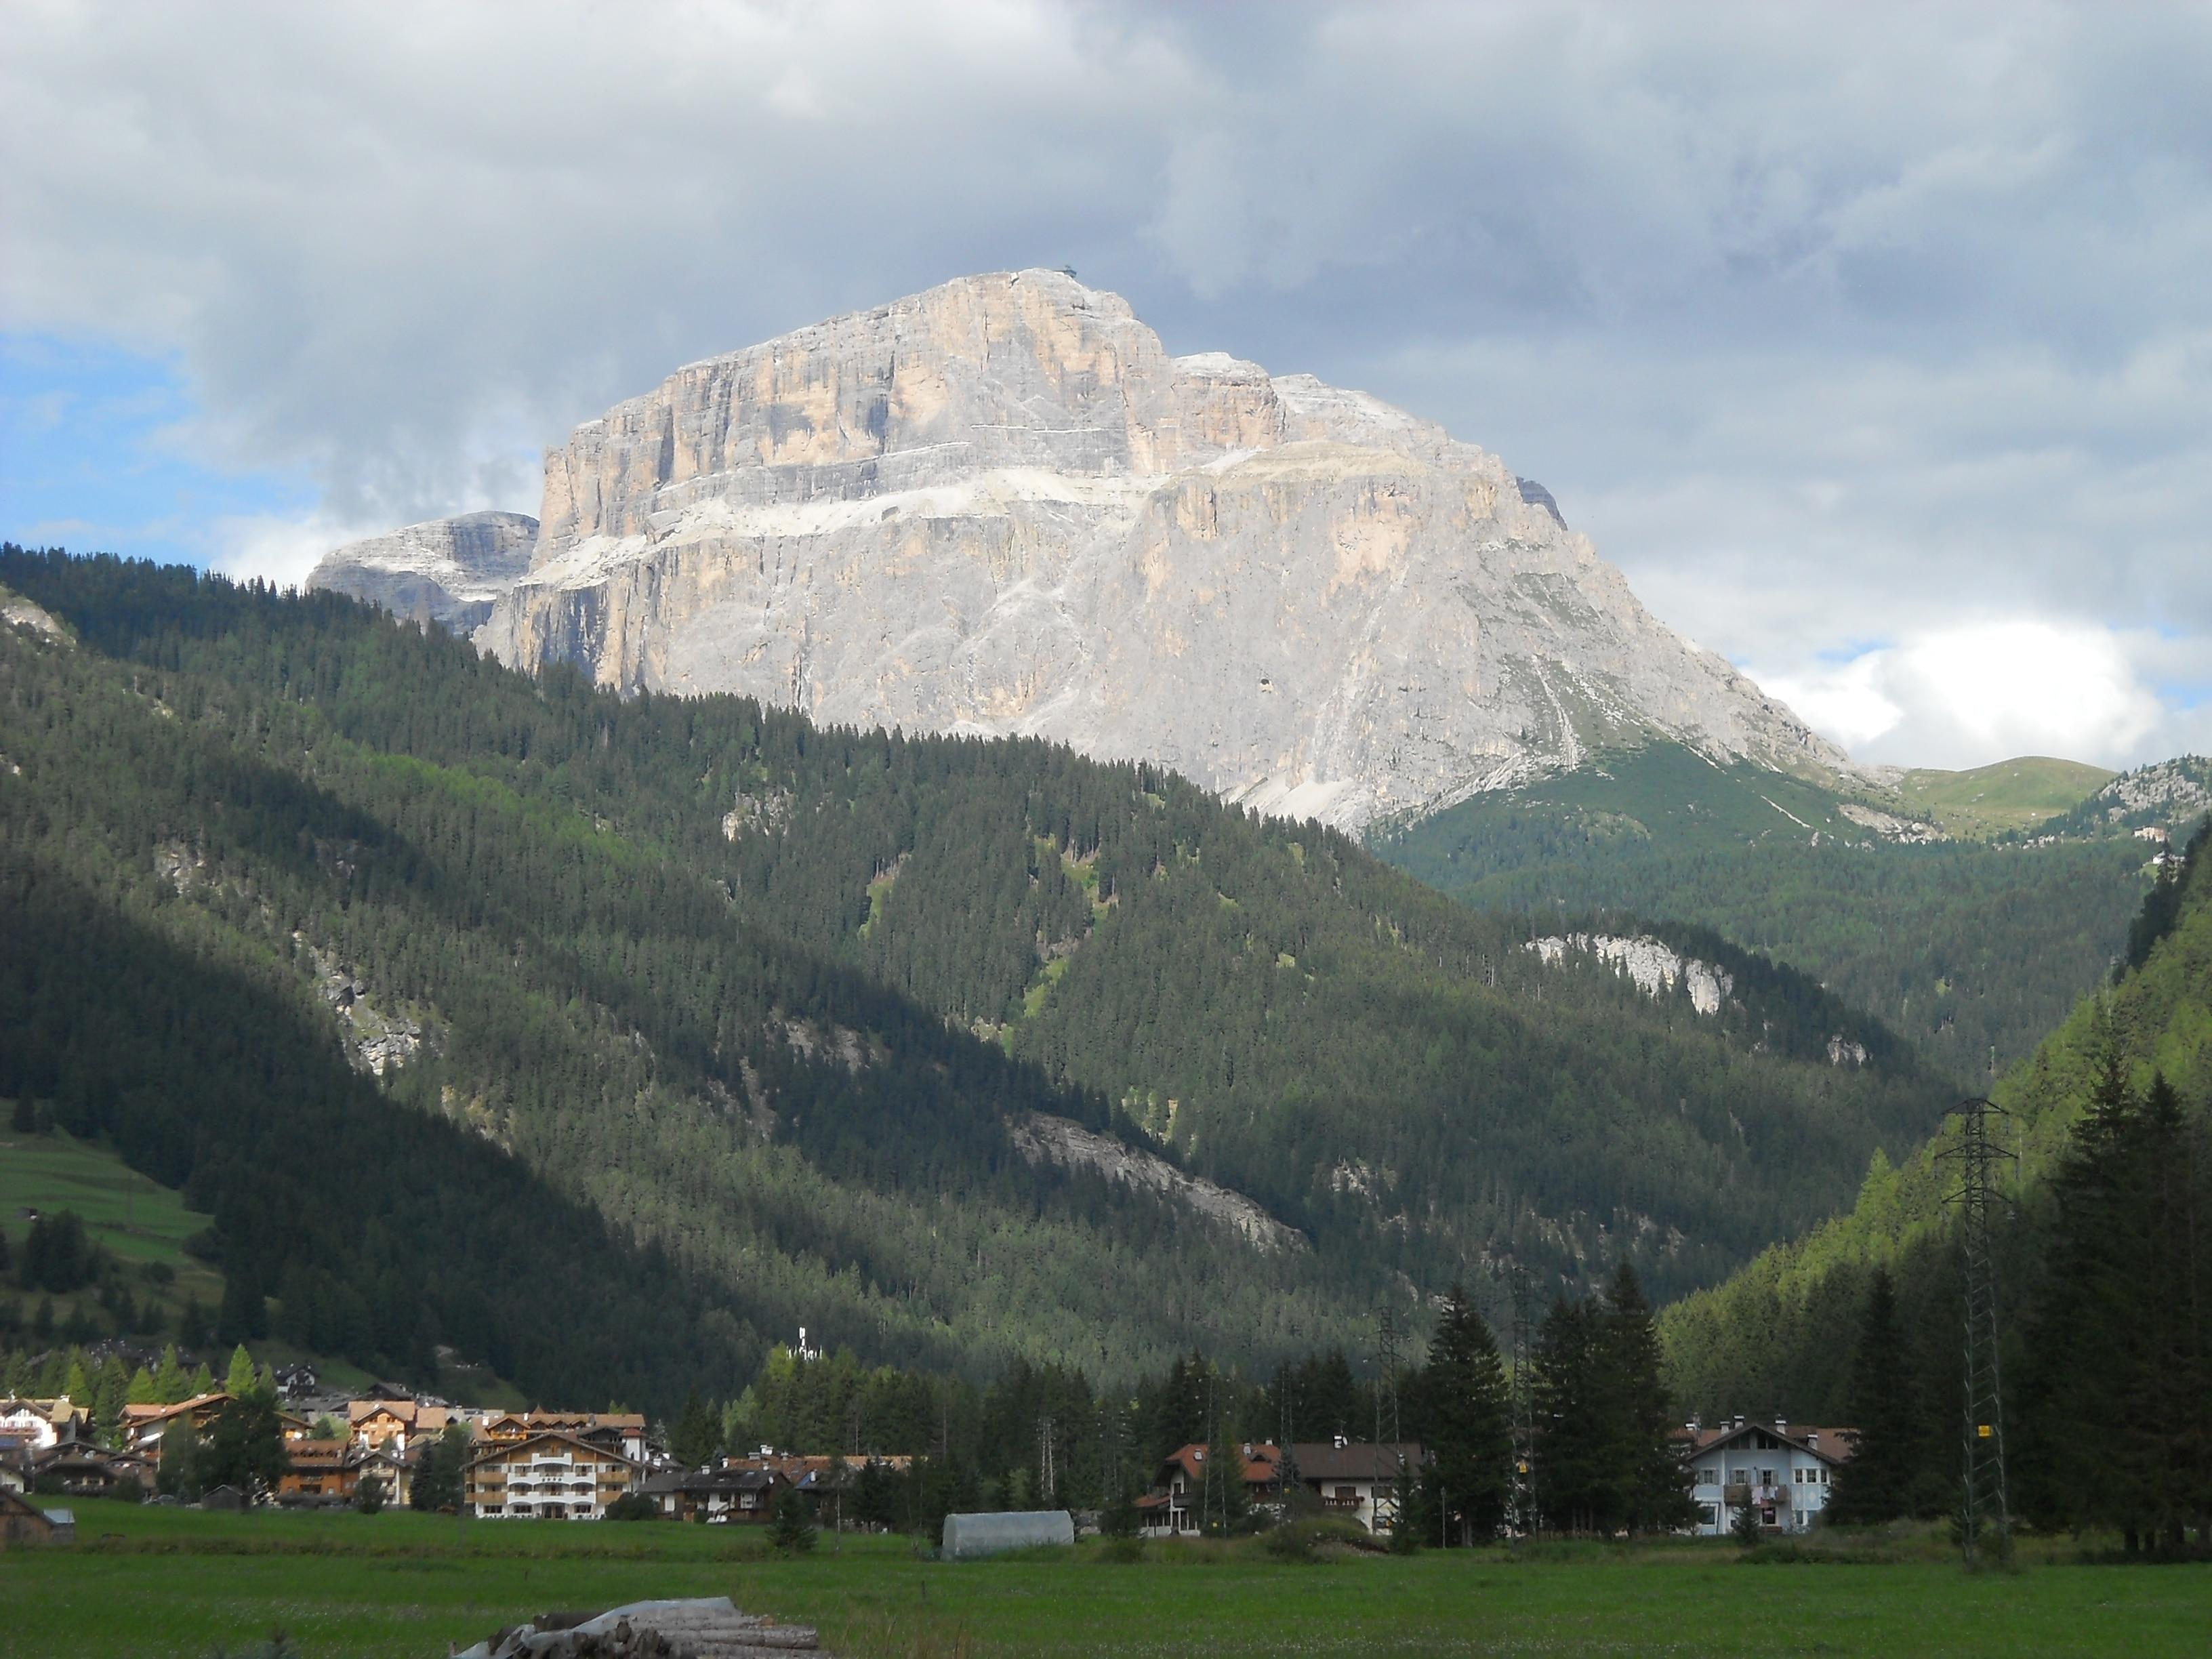 Fontanazzo, Mazzin, Trentino-Alto Adige, Italy